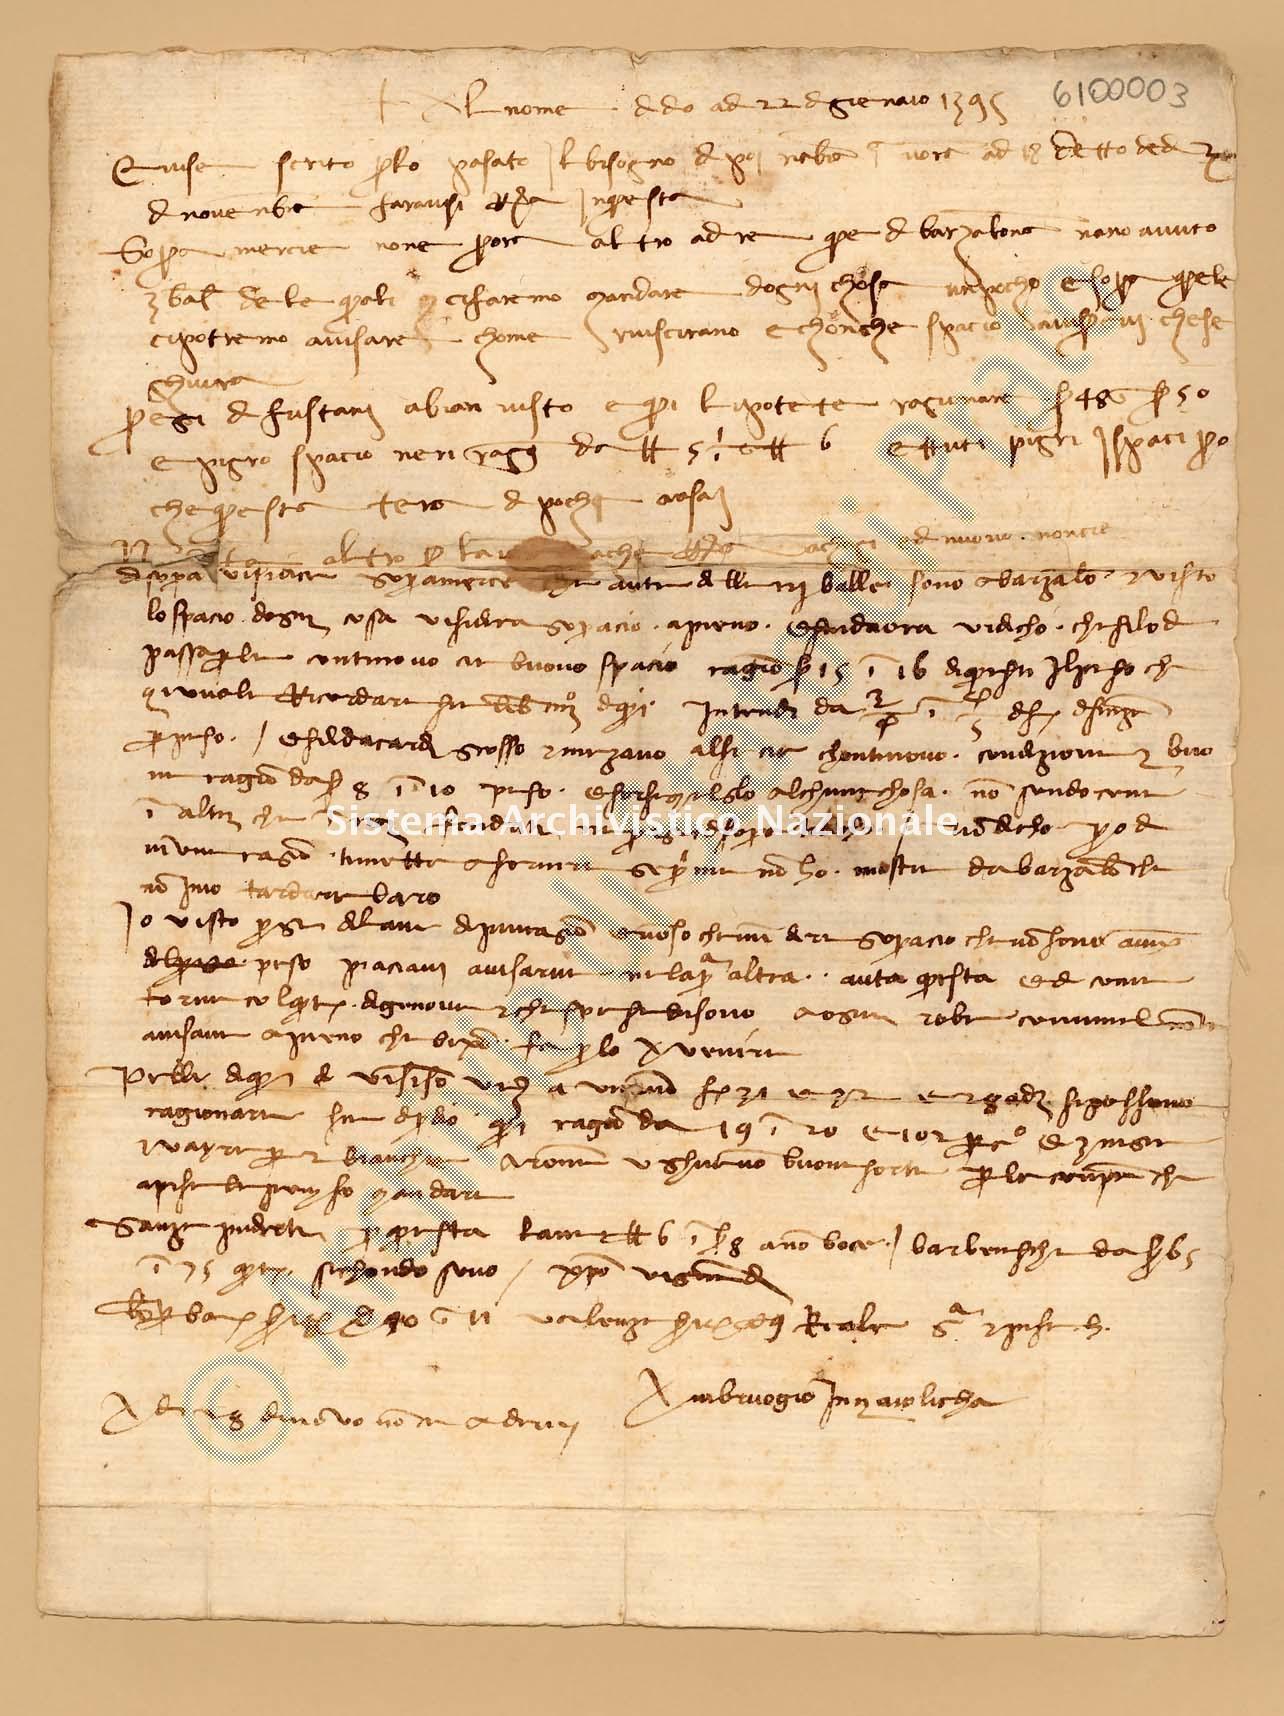 Archivio di Stato di Prato, Fondo Datini, Appendice al carteggio, 1116.135 Lettere Di Rocchi Ambrogio Di Messer Lorenzo Di Siena (anche Lorenzi) a Tommaso Di Ser Giovanni Da Vico D'elsa (busta 1116, inserto 135, codice 6100003)